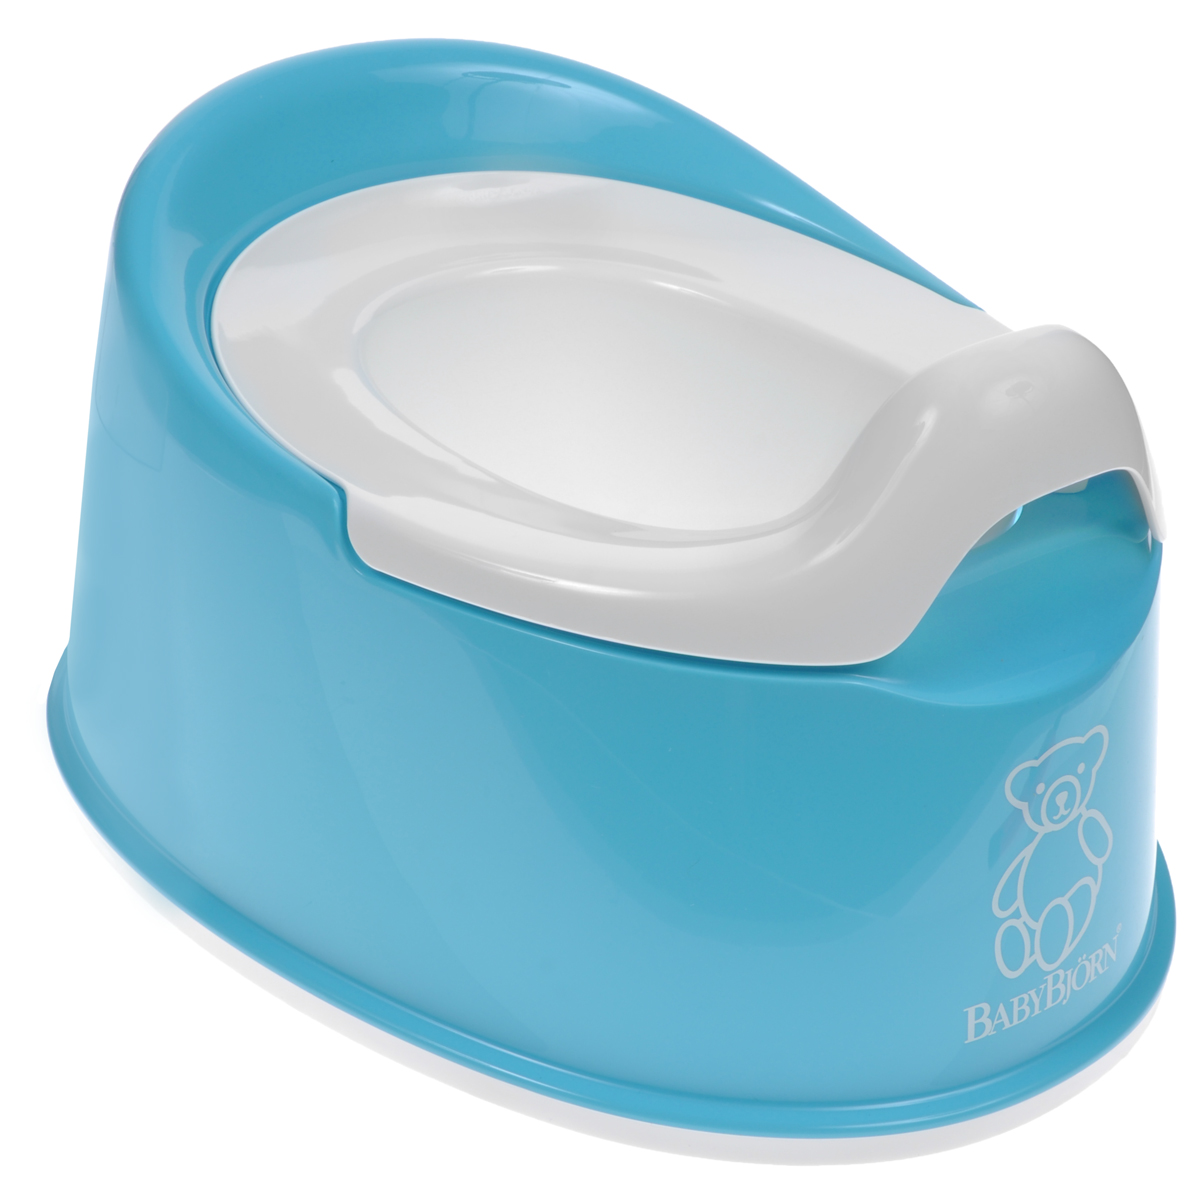 Горшок туалетный детский BabyBjorn  Smart , цвет: бирюзовый -  Горшки и адаптеры для унитаза